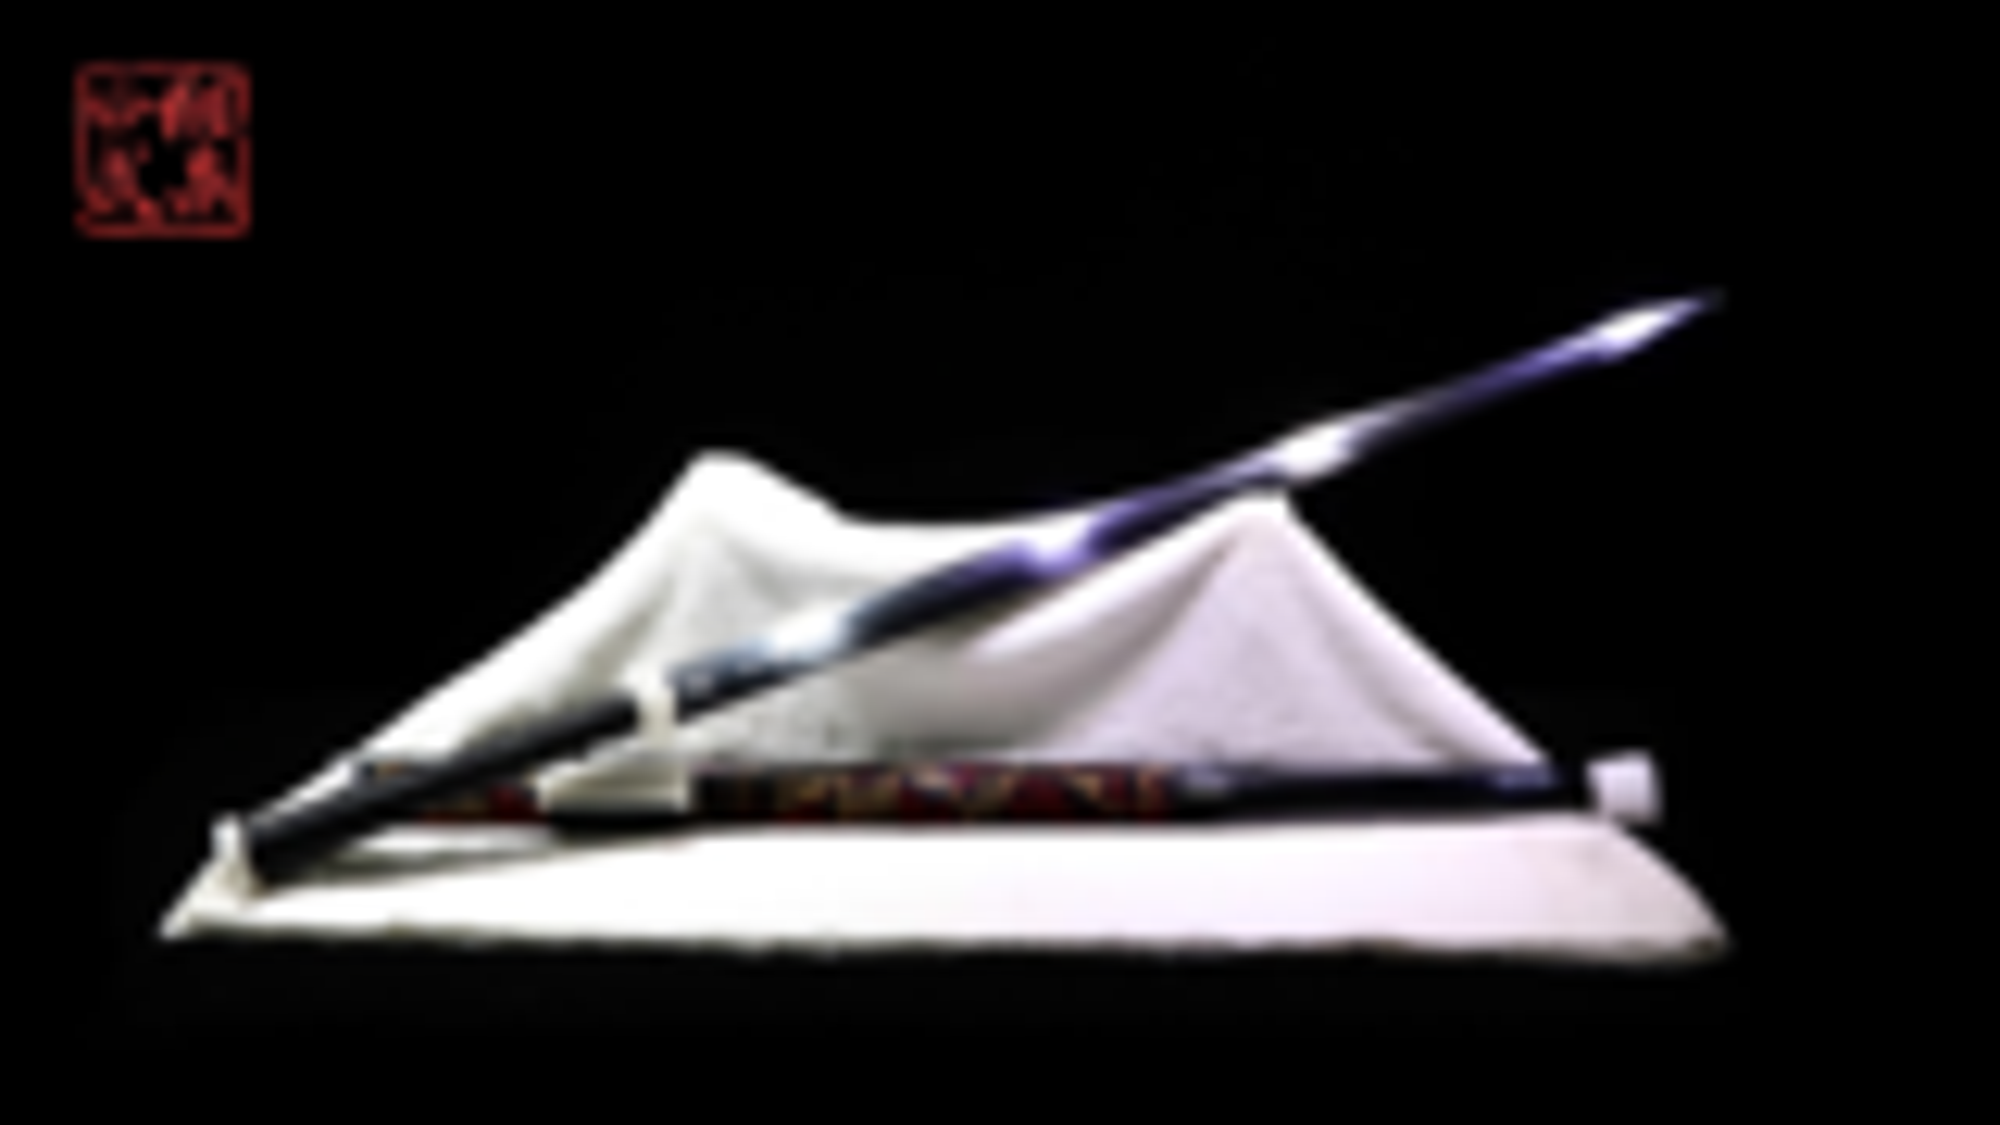 龙泉铸剑师周正武龙泉剑之三枚地肌漆鞘玉装倚天剑(37)